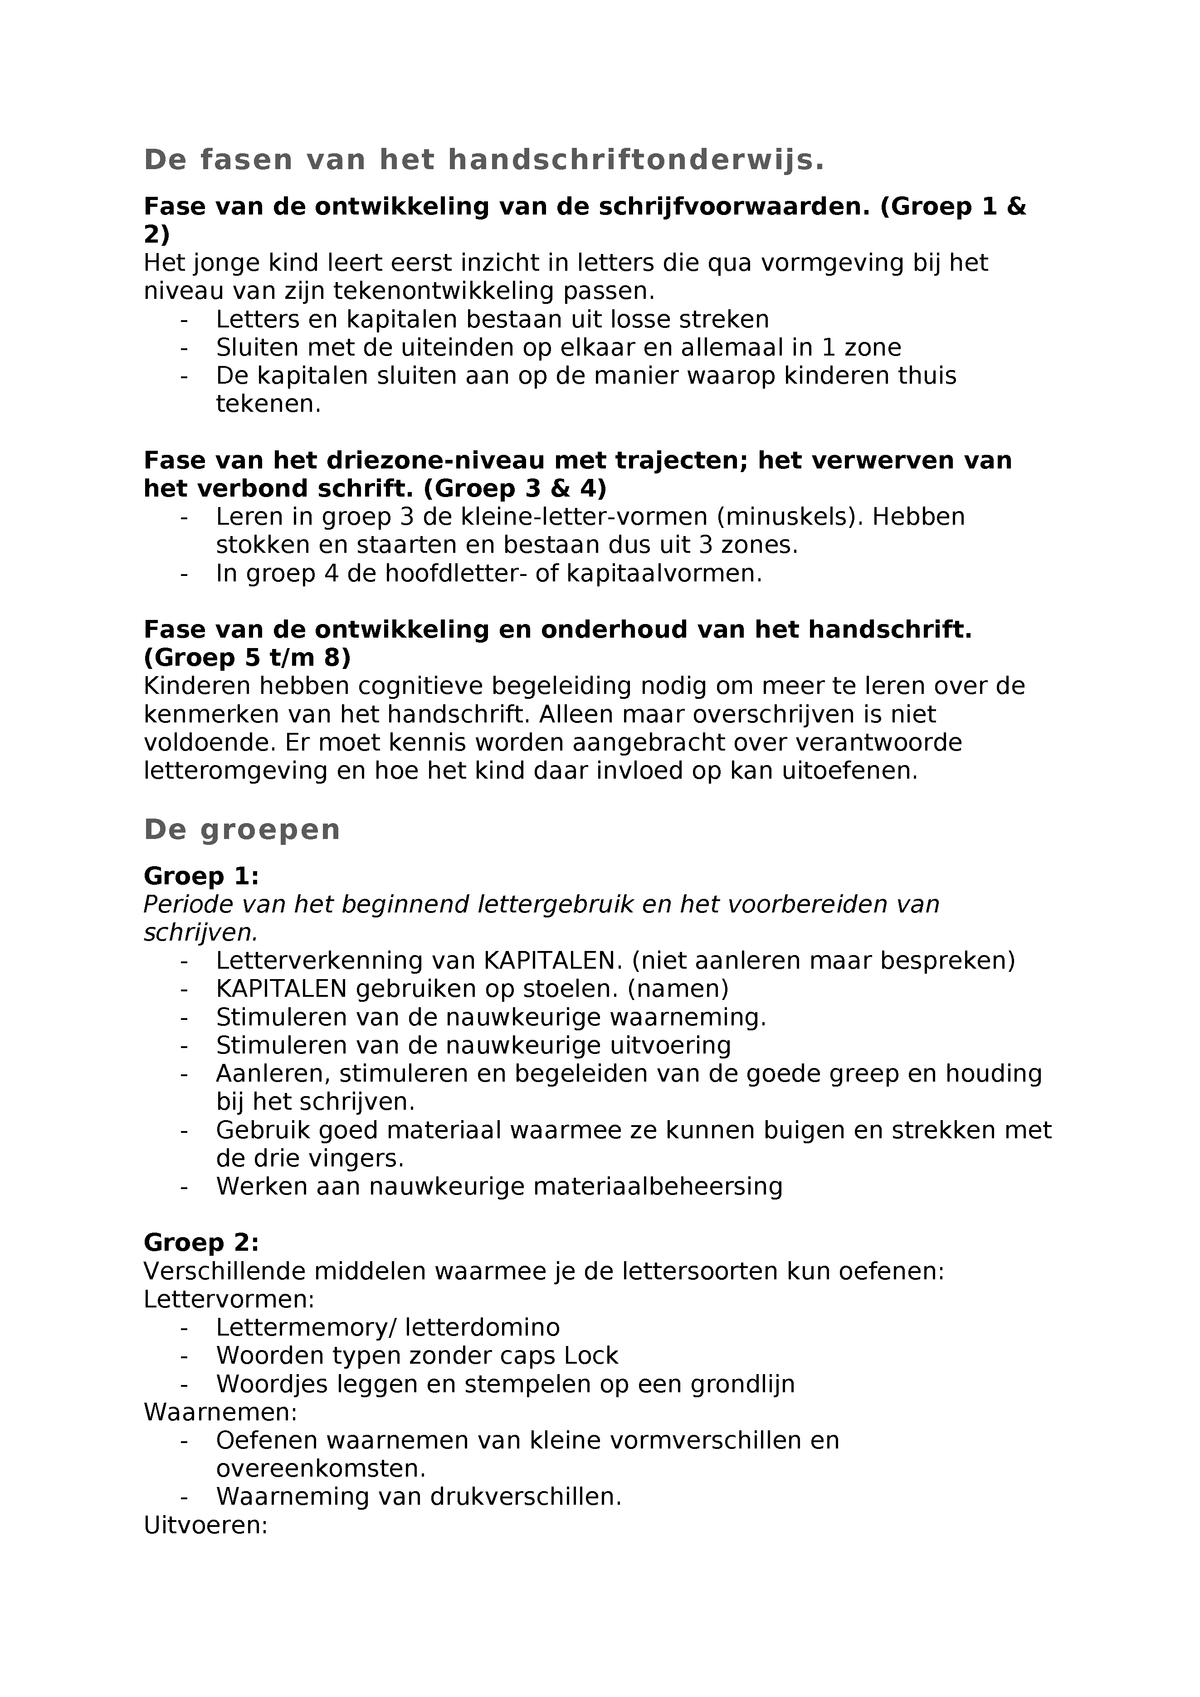 Betere De fasen van het handschriftonderwijs - Vk1.3.schr - CHE - StudeerSnel YT-35